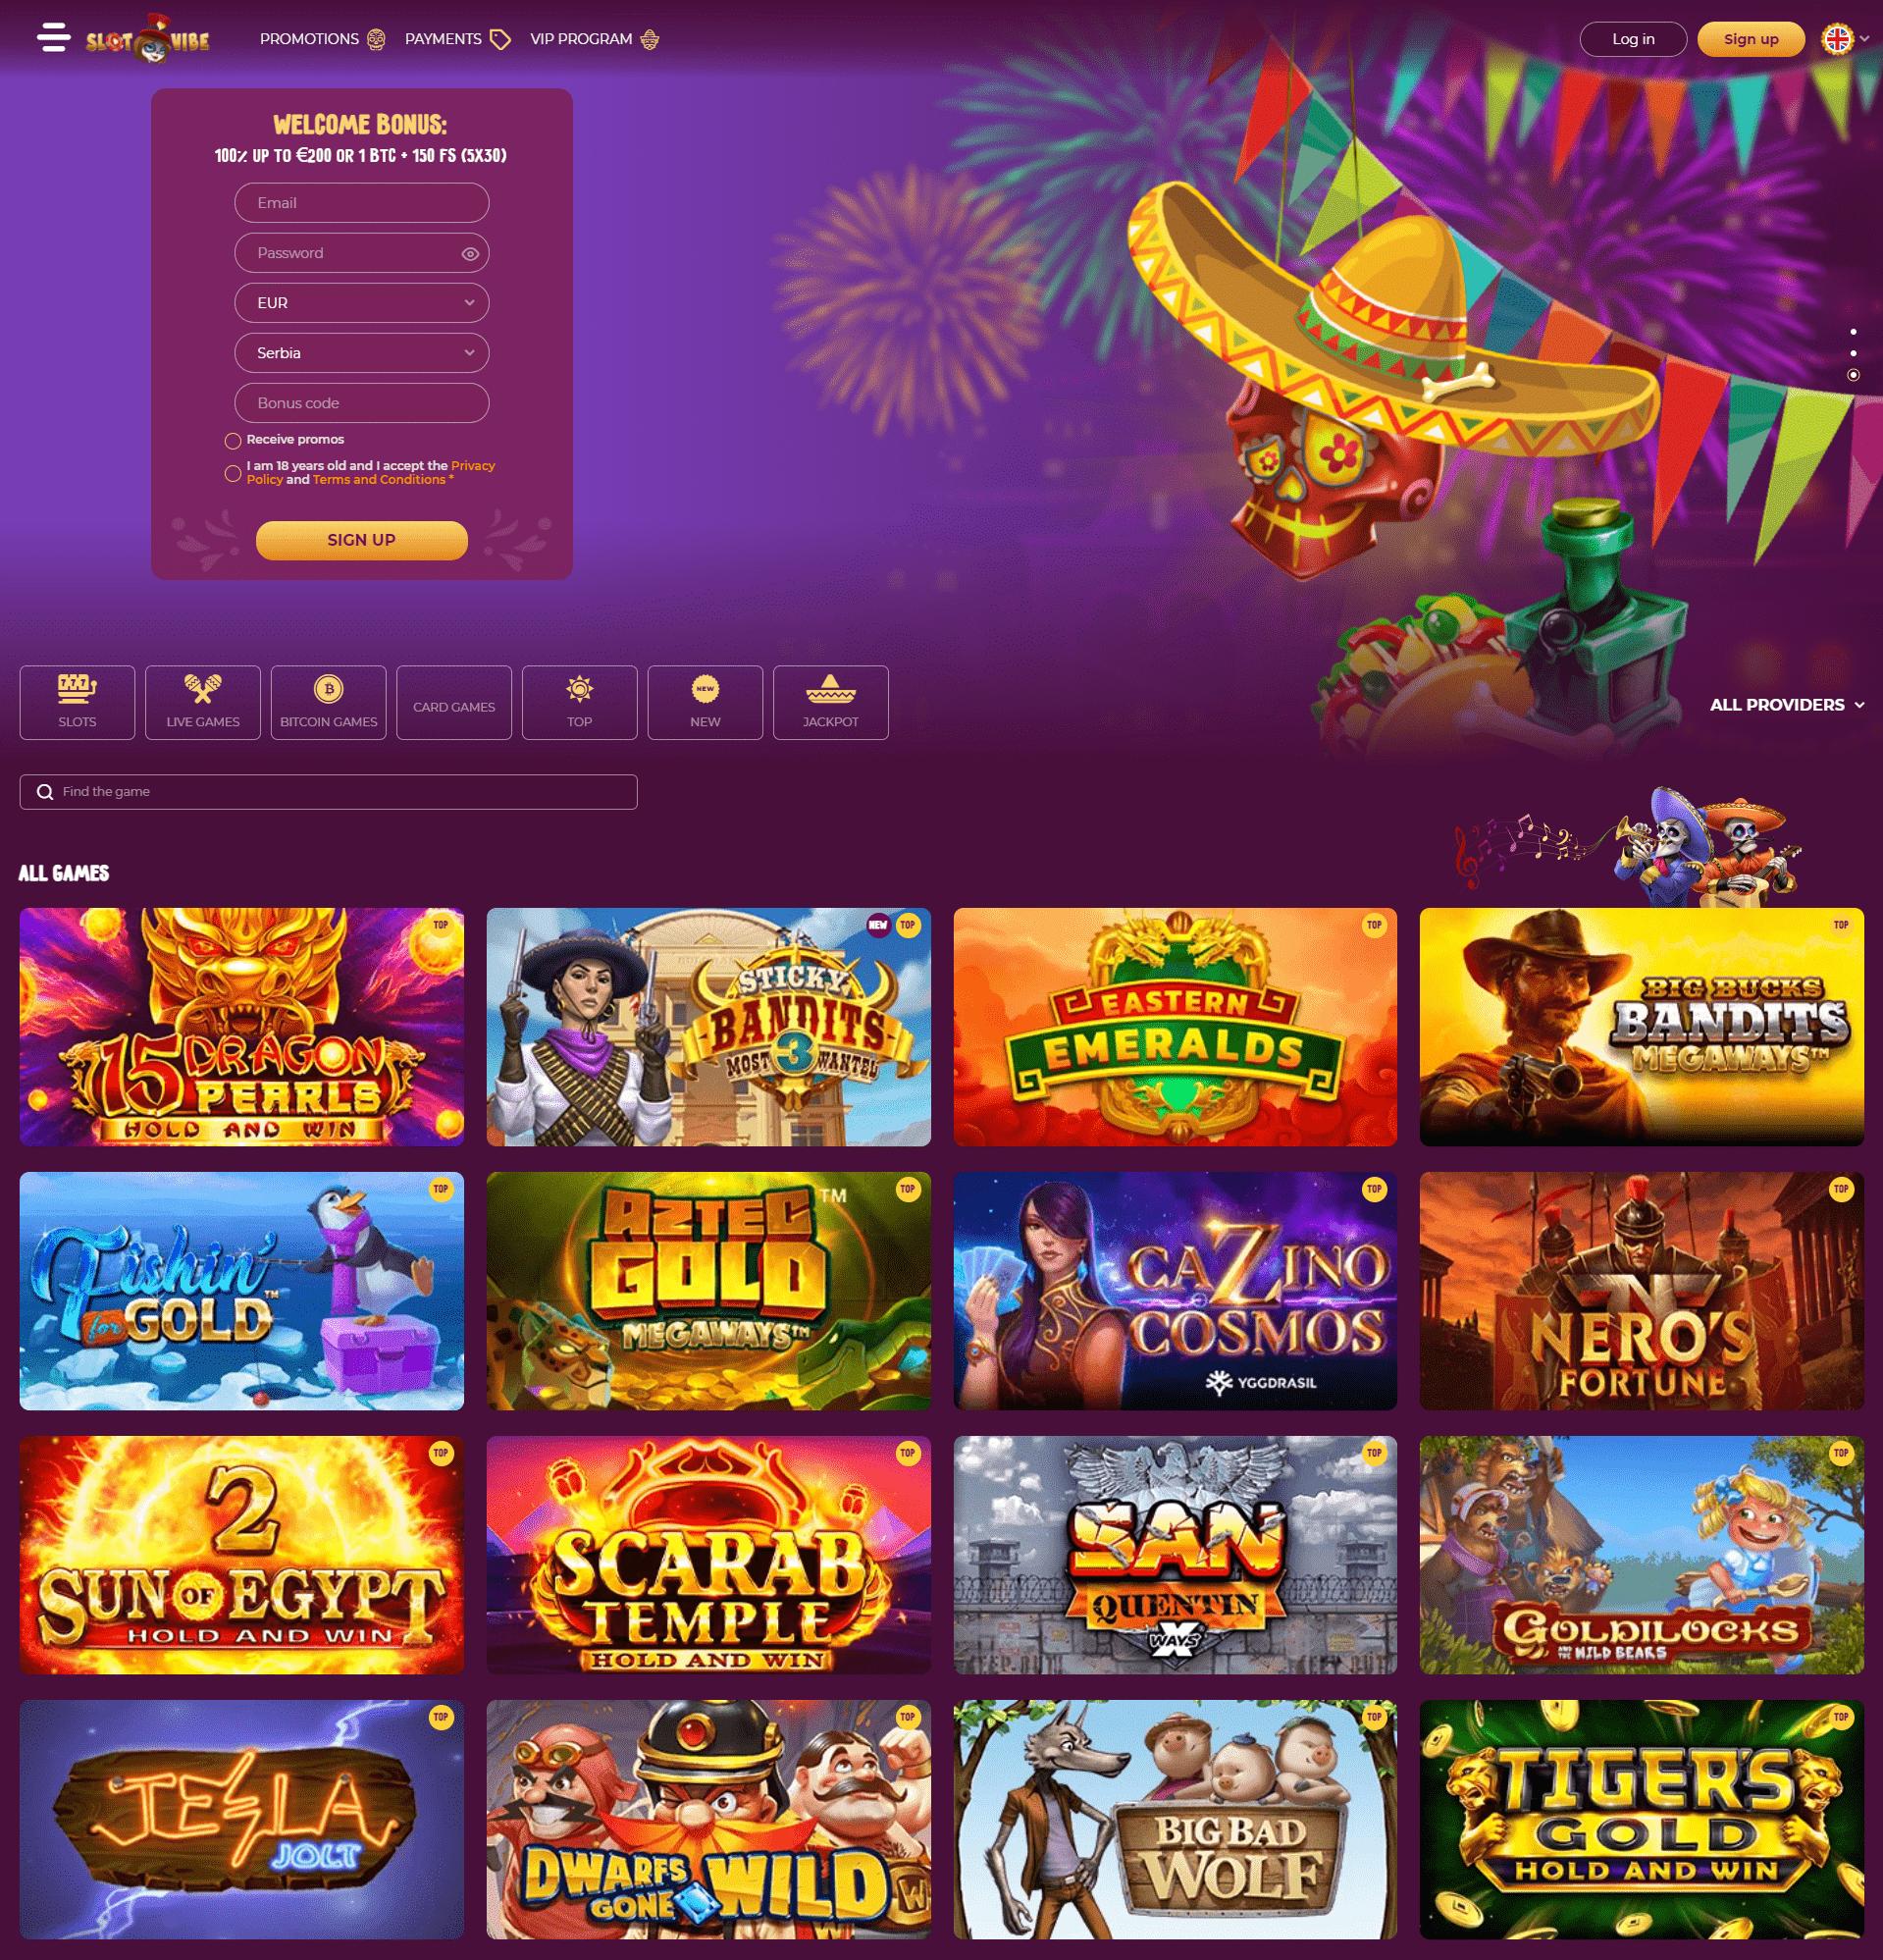 Slot Vibe casino home page